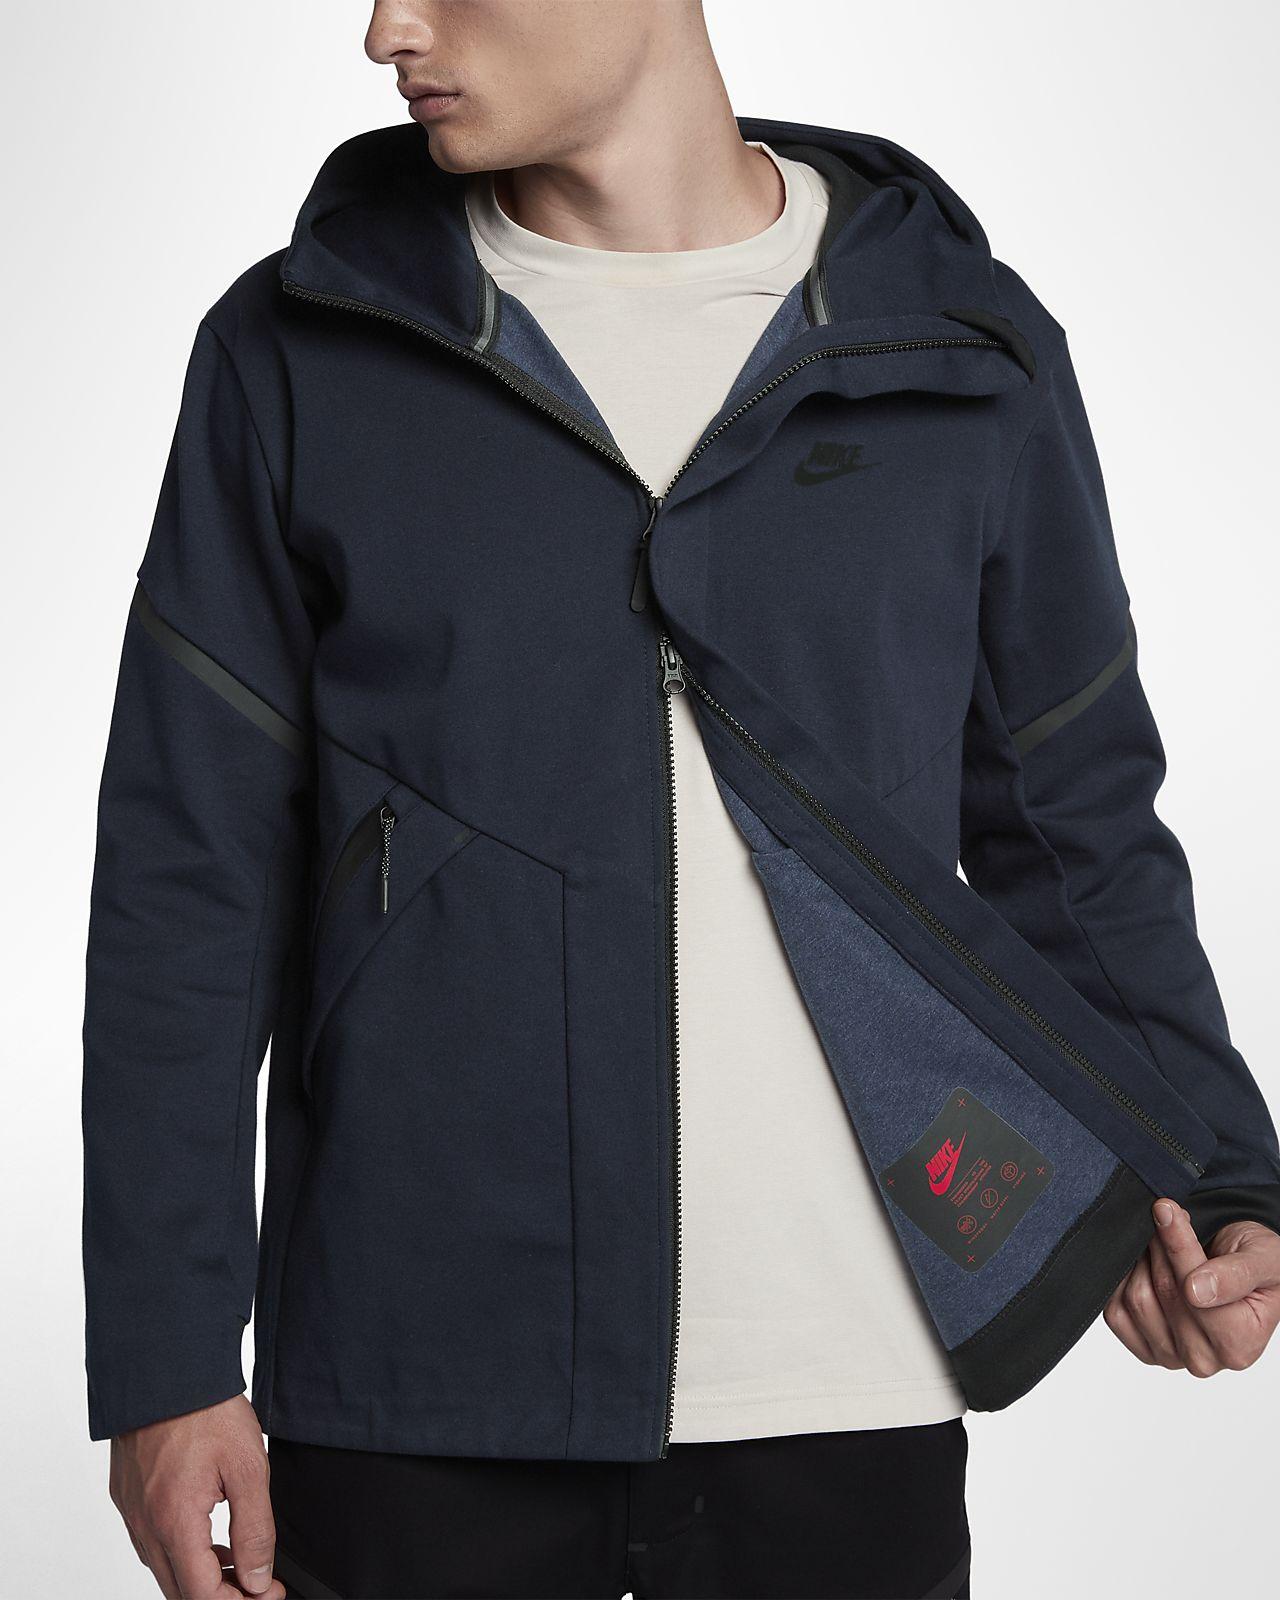 d3170726633b nike fleece lined jacket mens Sale